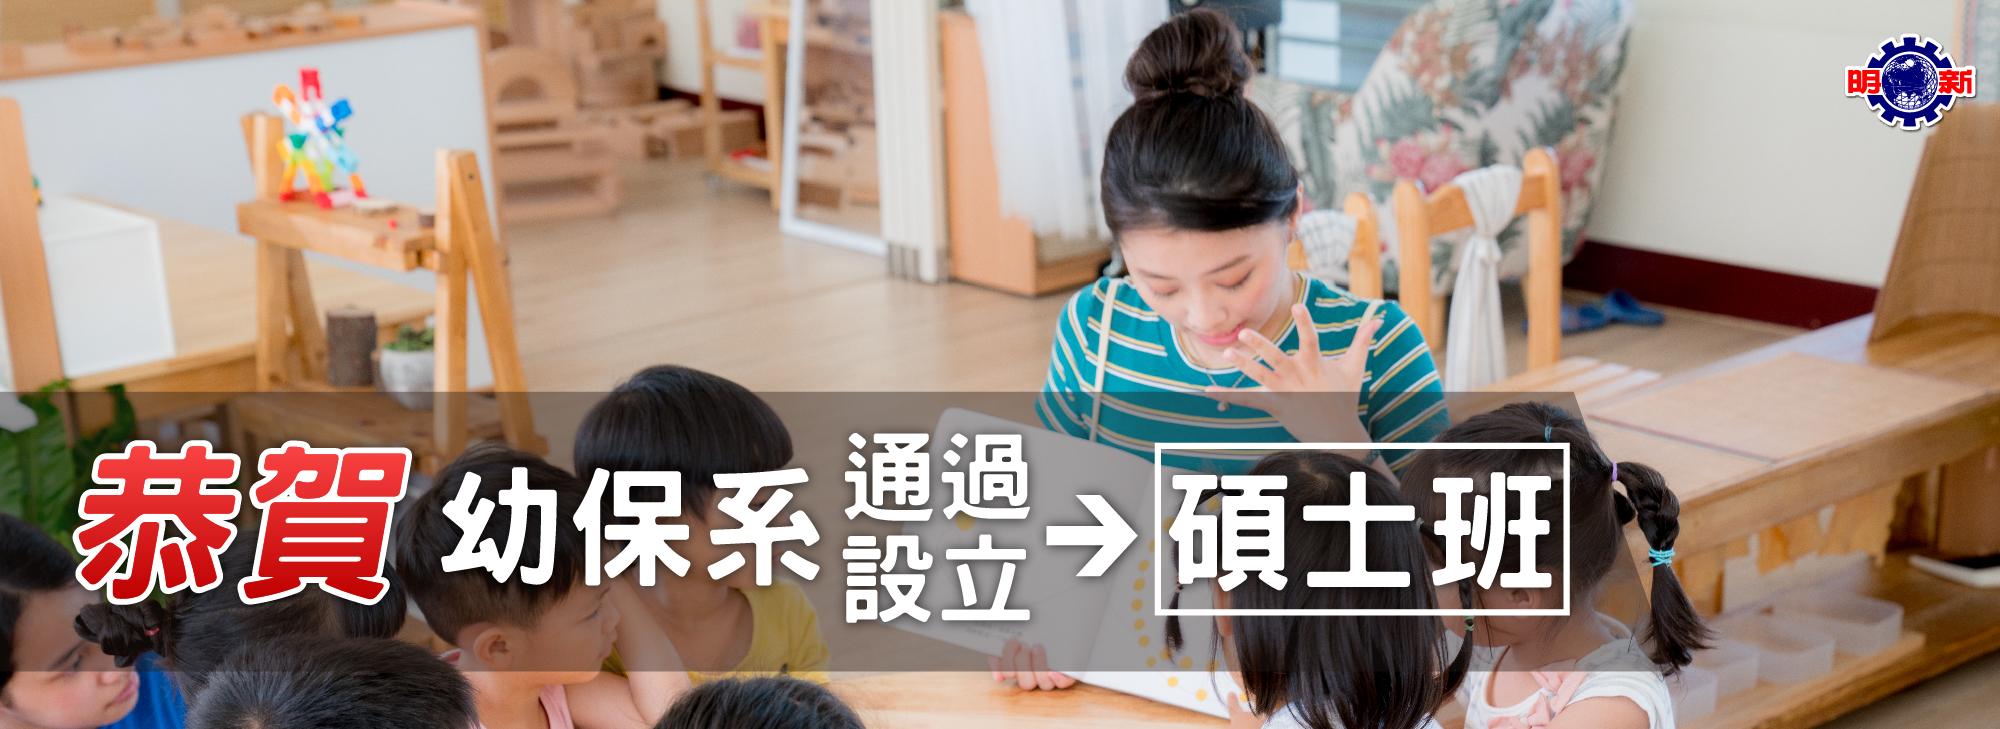 20210525 校首頁 恭賀幼保系成立碩士班